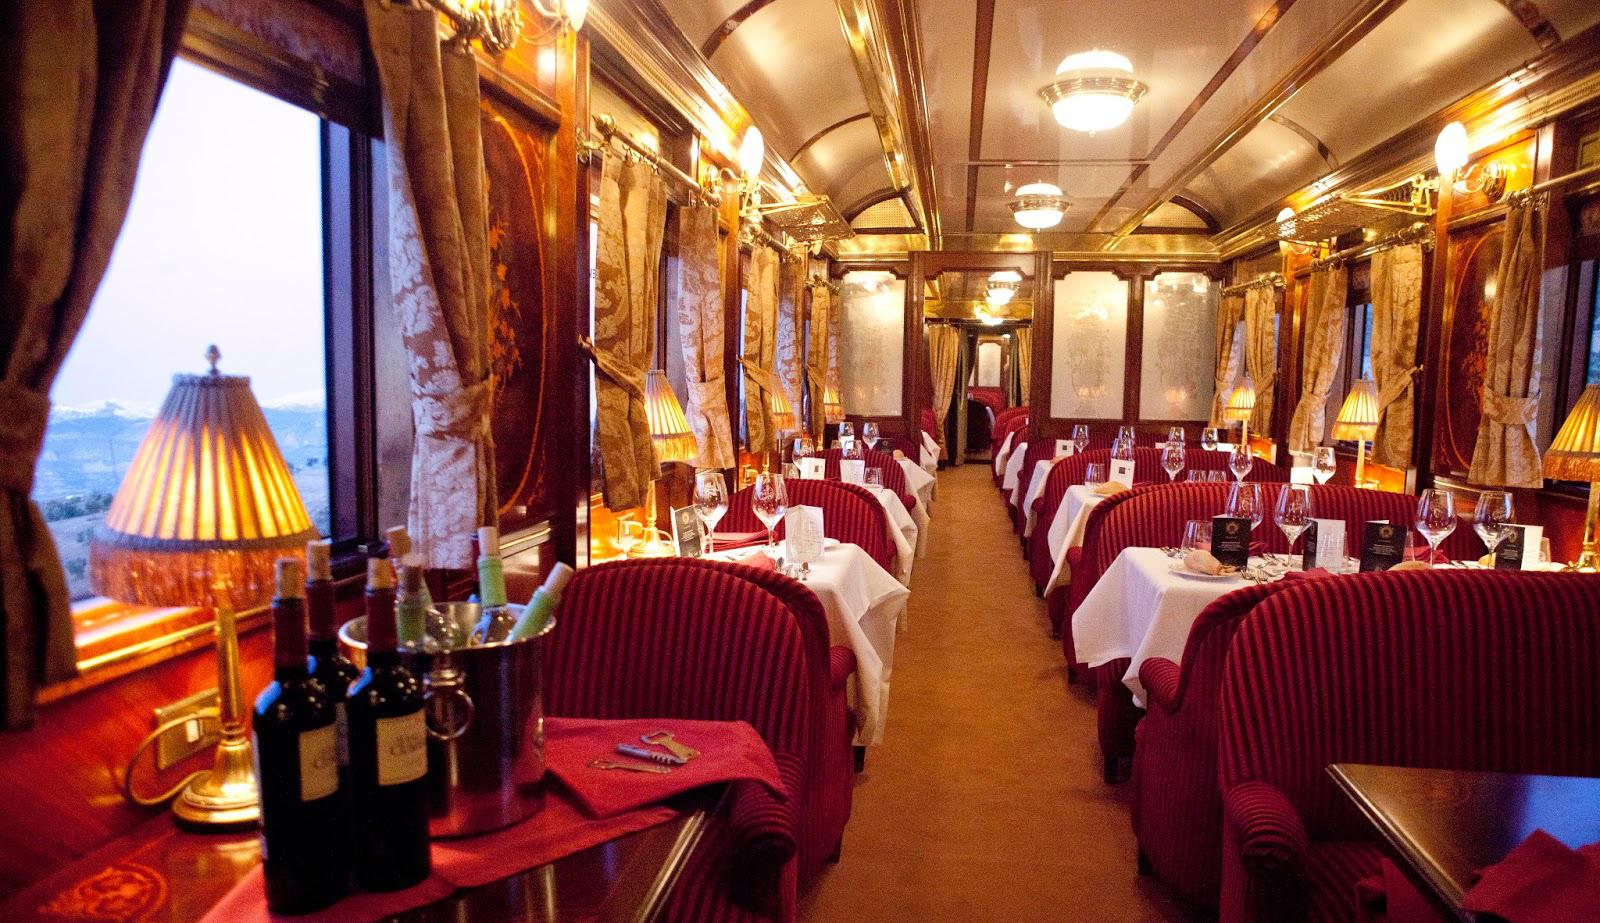 Circuitos en tren de lujo. Tren Al Andalus 1600x923.